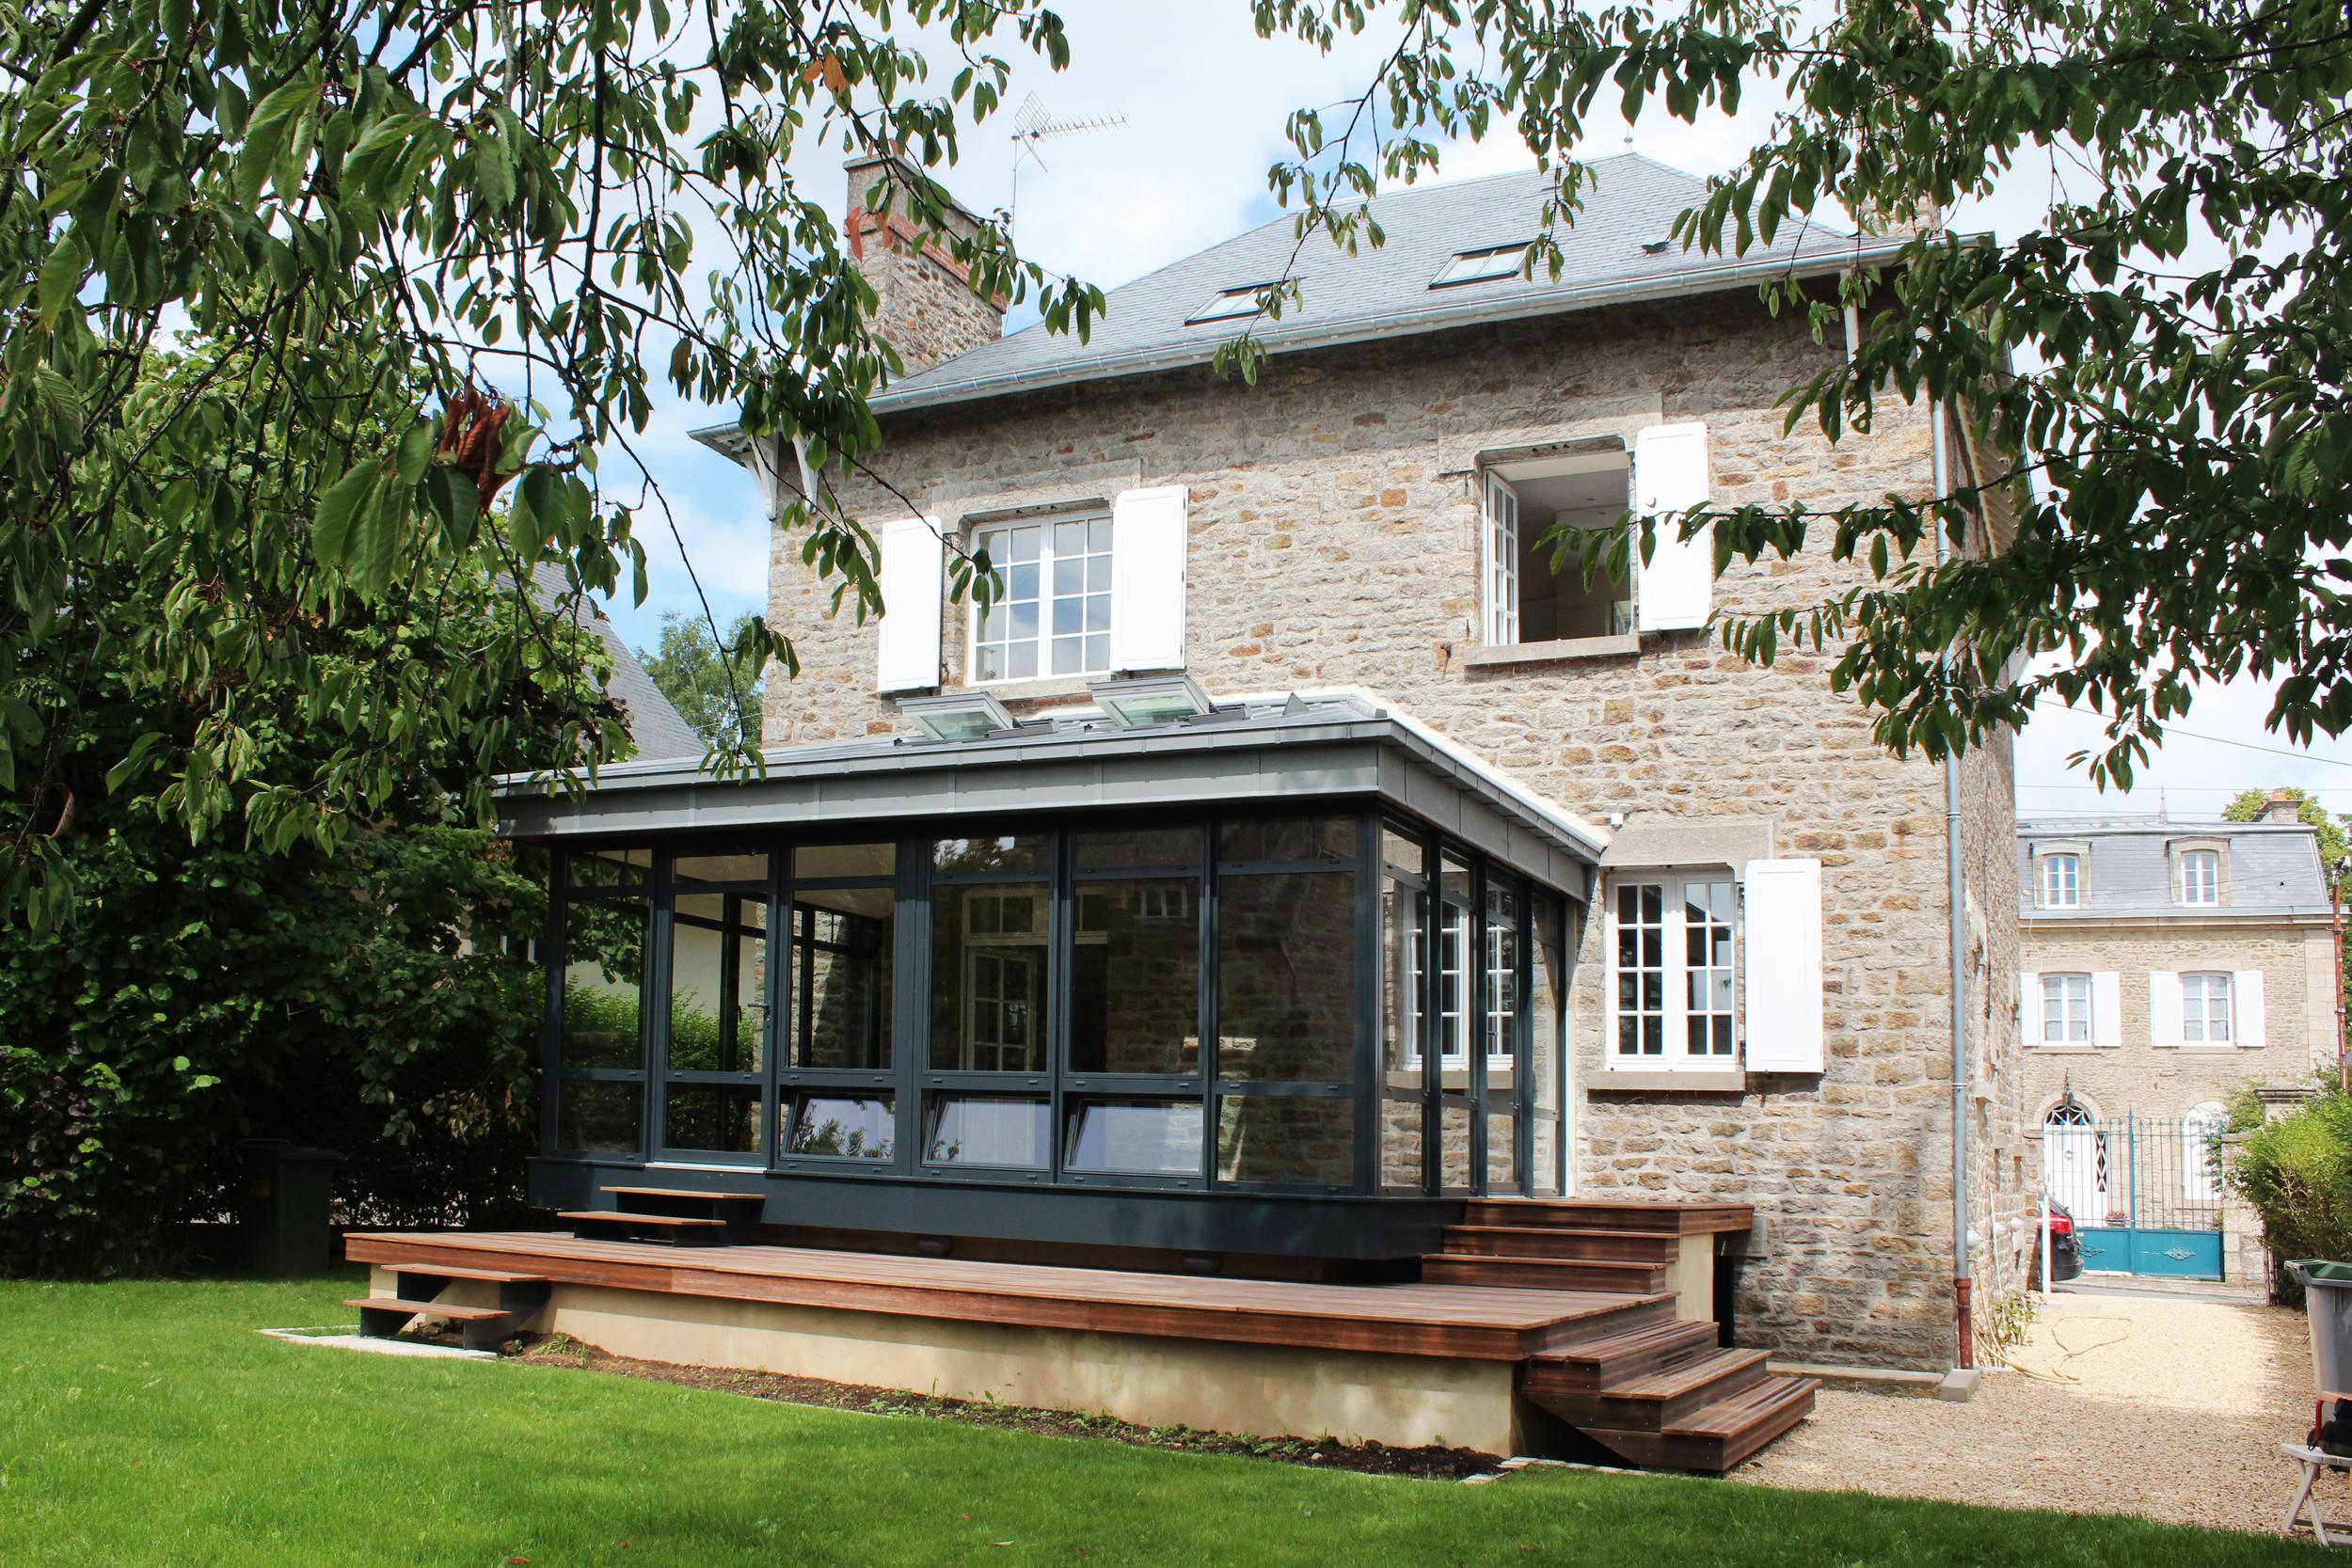 DINAN - Une maison de charme rue Beaumanoir - SURFACE : 180 m2 - Maître d'ouvrage : Particulier